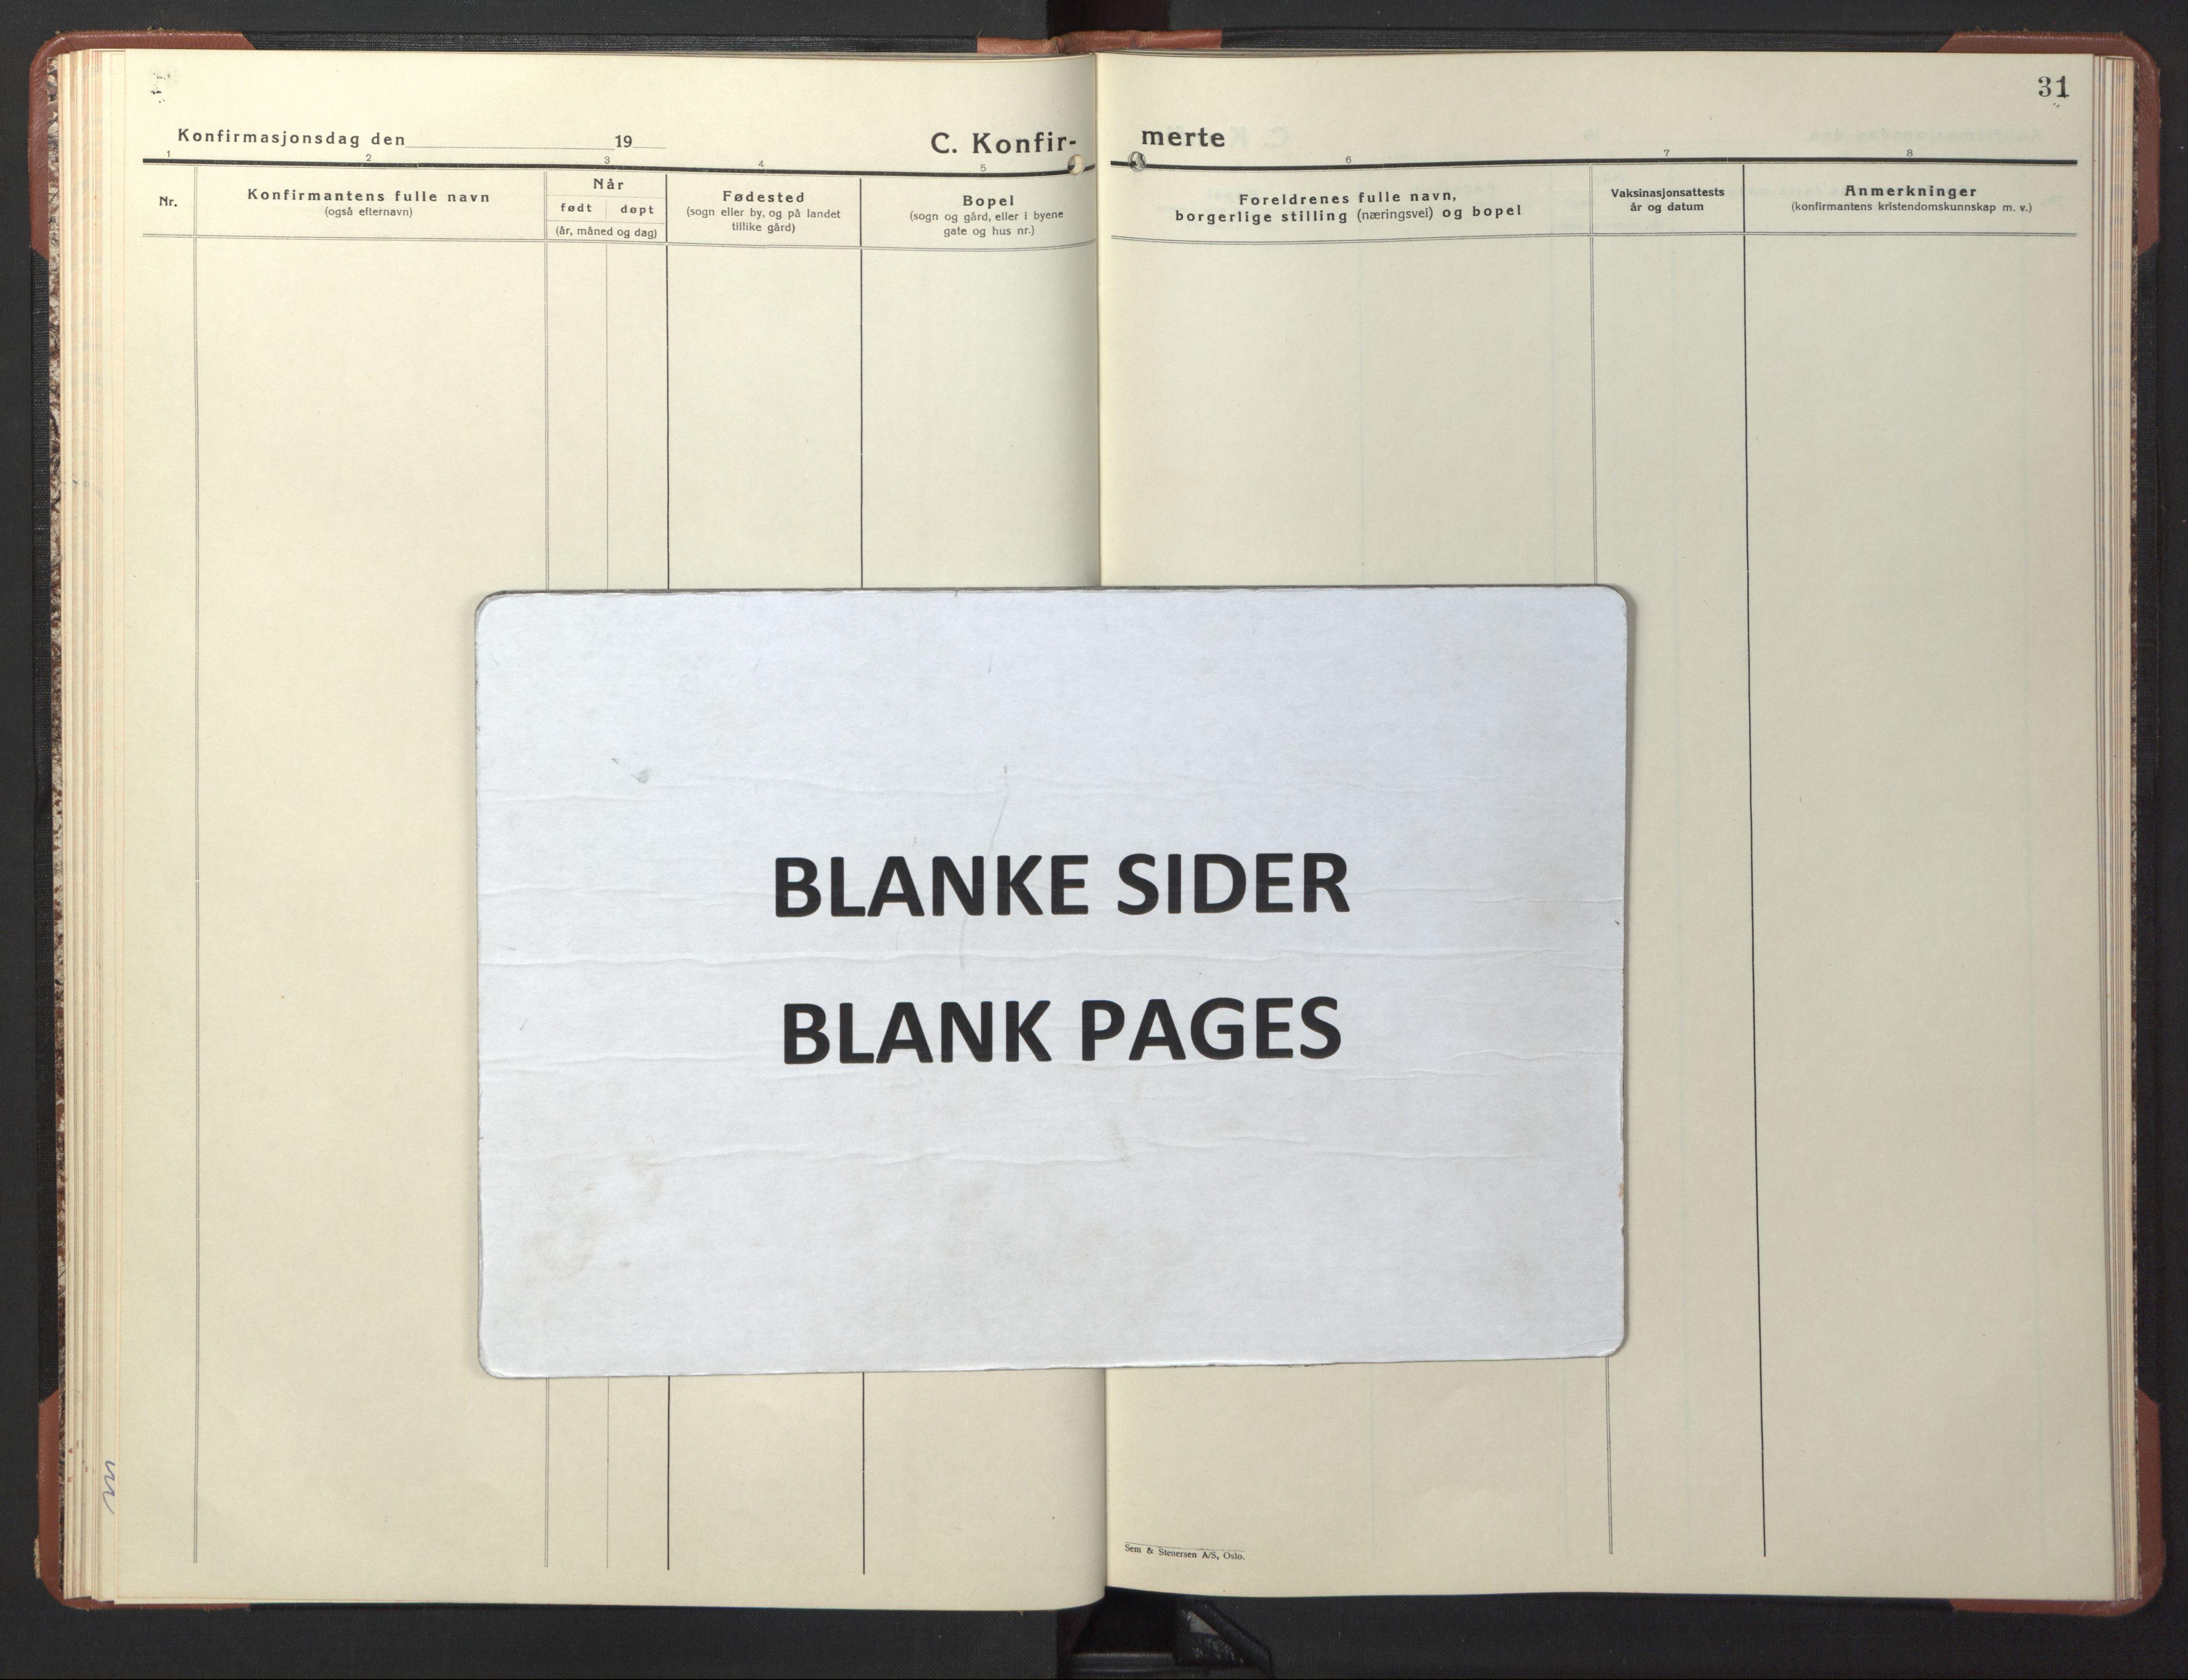 SAT, Ministerialprotokoller, klokkerbøker og fødselsregistre - Sør-Trøndelag, 617/L0433: Klokkerbok nr. 617C04, 1942-1947, s. 31